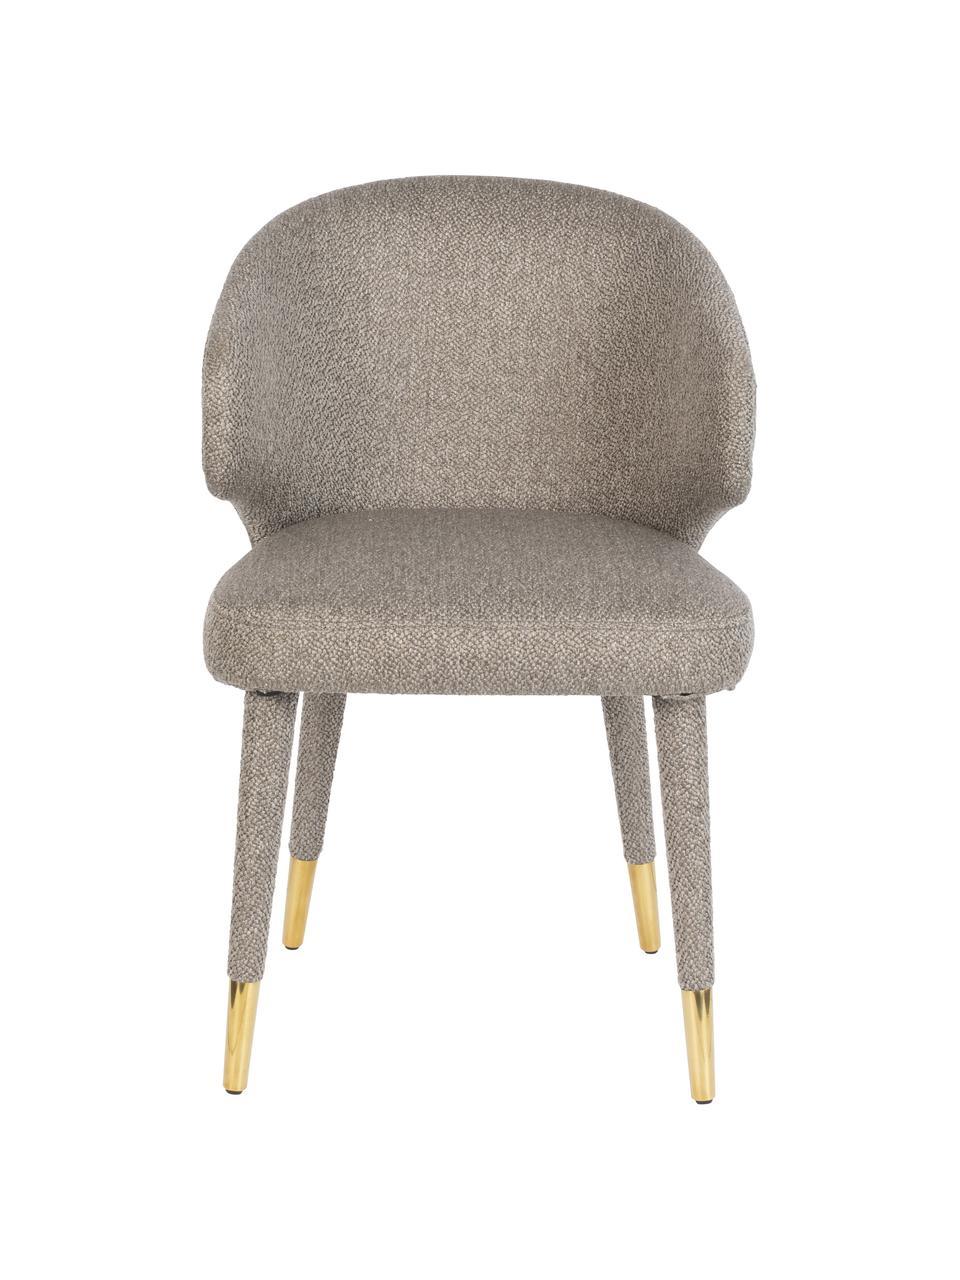 Krzesło tapicerowane Lunar, Tapicerka: 100% aksamit poliestrowy , Stelaż: drewno warstwowe, drewno , Nogi: metal malowany proszkowo, Taupe, S 52 x G 59 cm